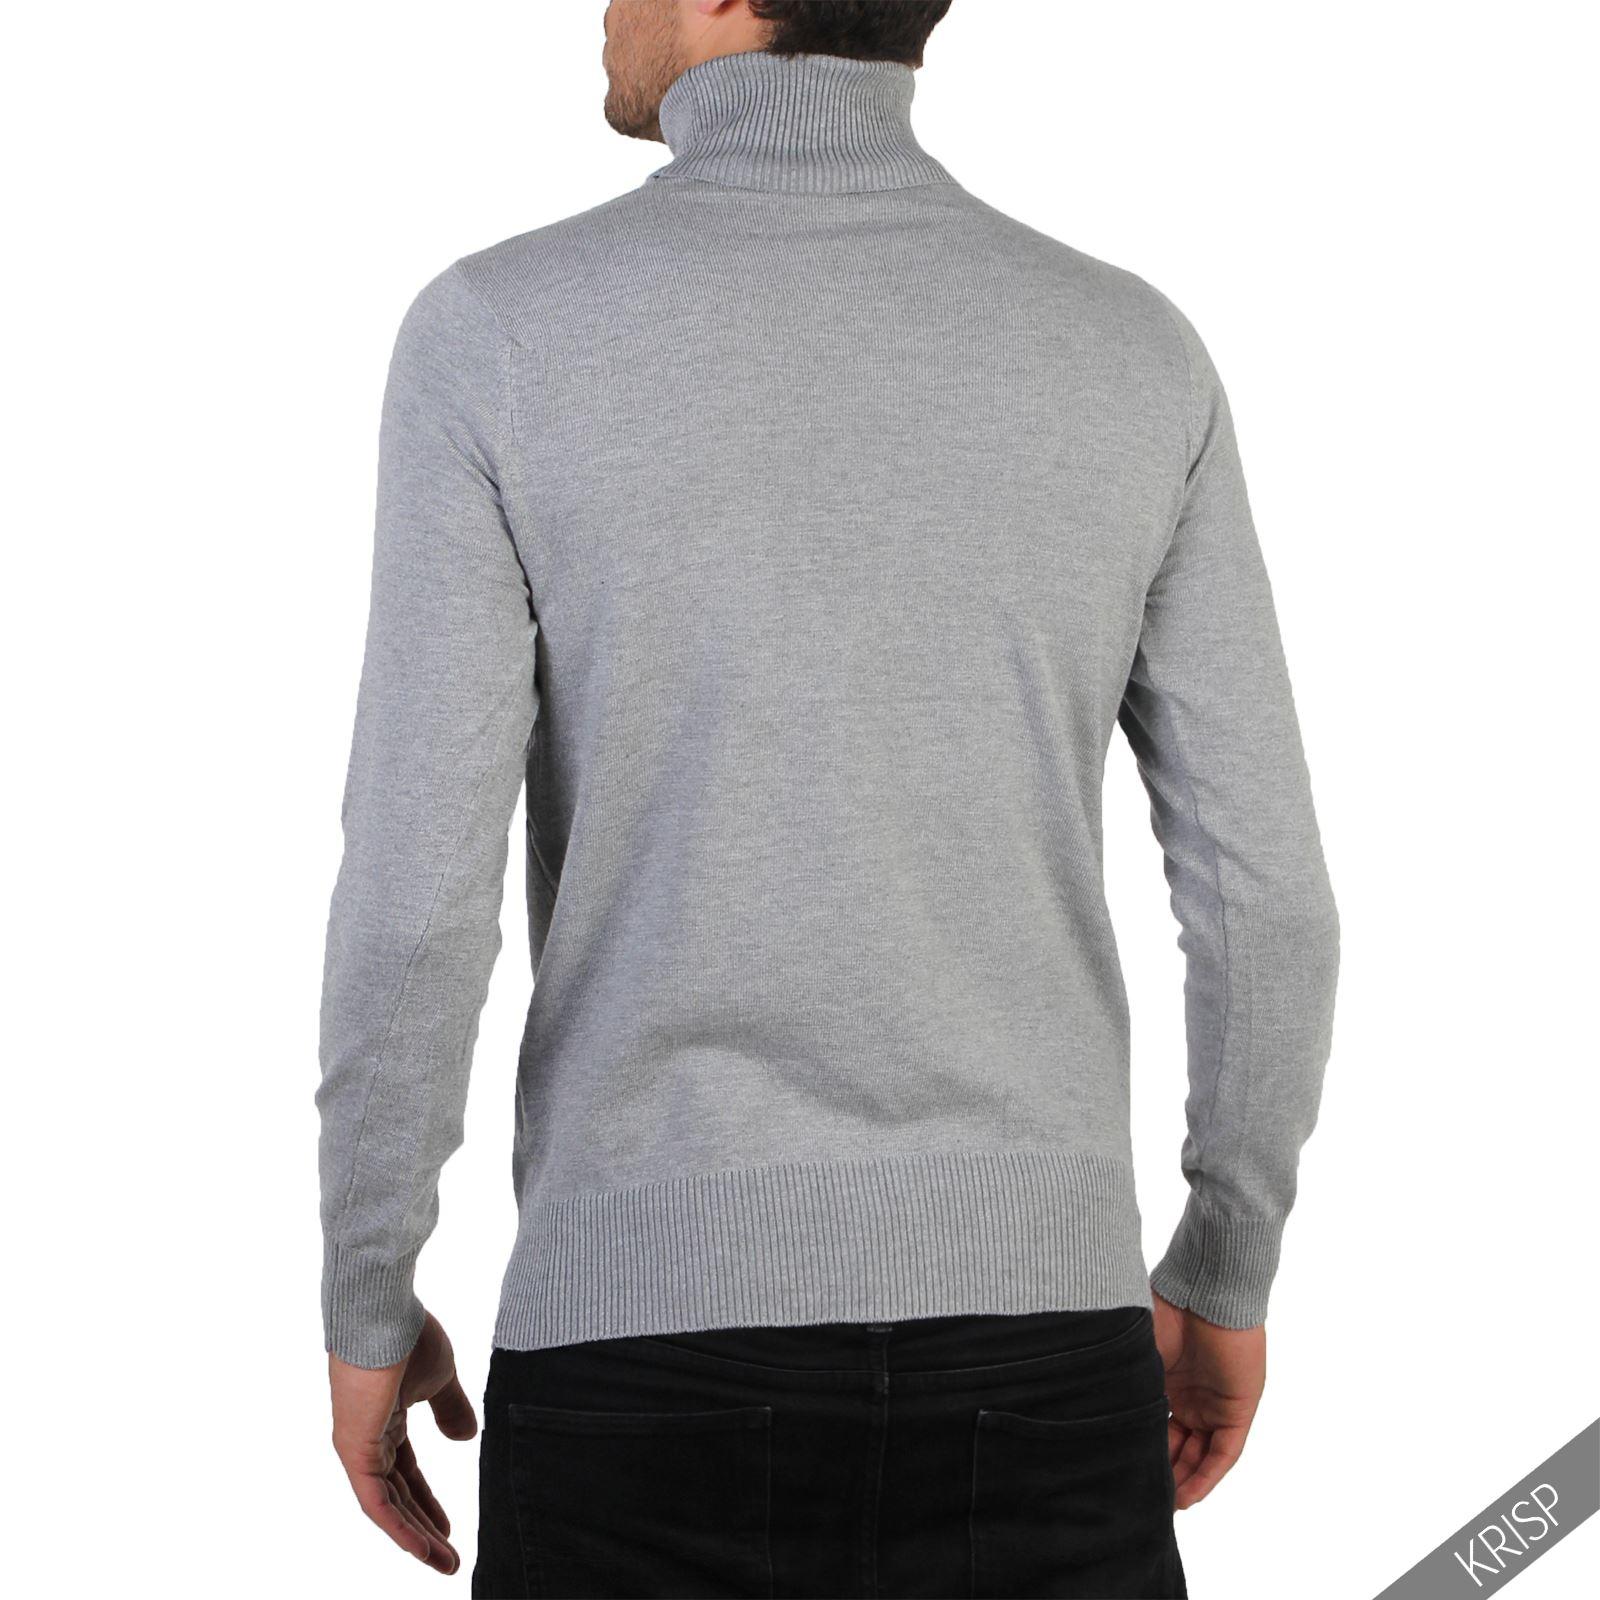 Hommes-Pull-Col-Roule-Uni-Classique-Manche-Longue-Polo-T-Shirt-Slim-Fit-Coton miniature 5